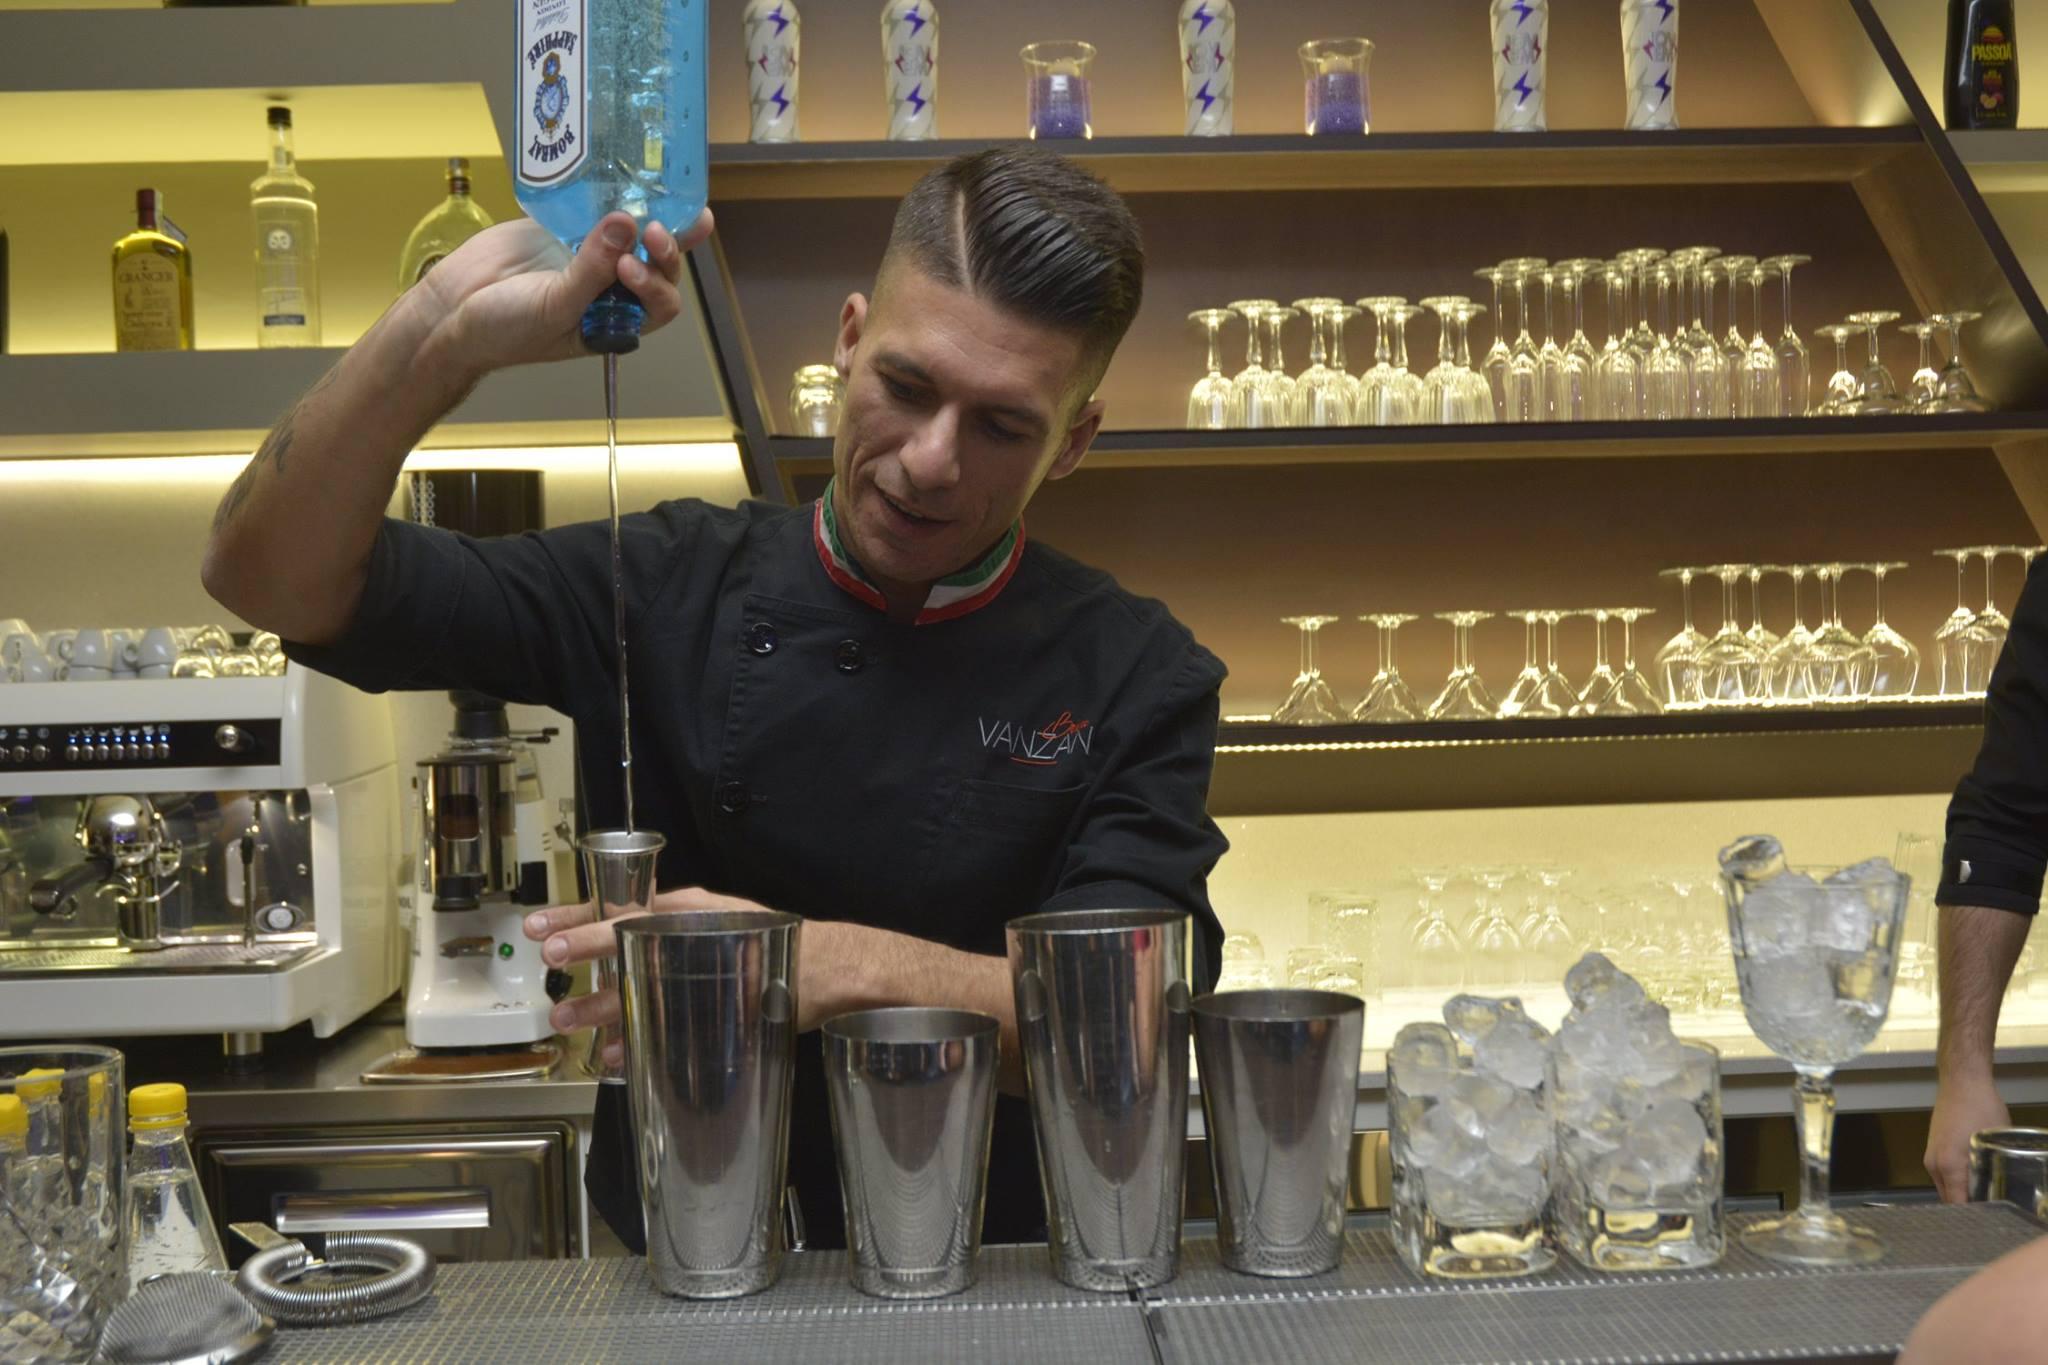 Bruno Vanzan: intervista ad uno dei migliori barman del mondo!